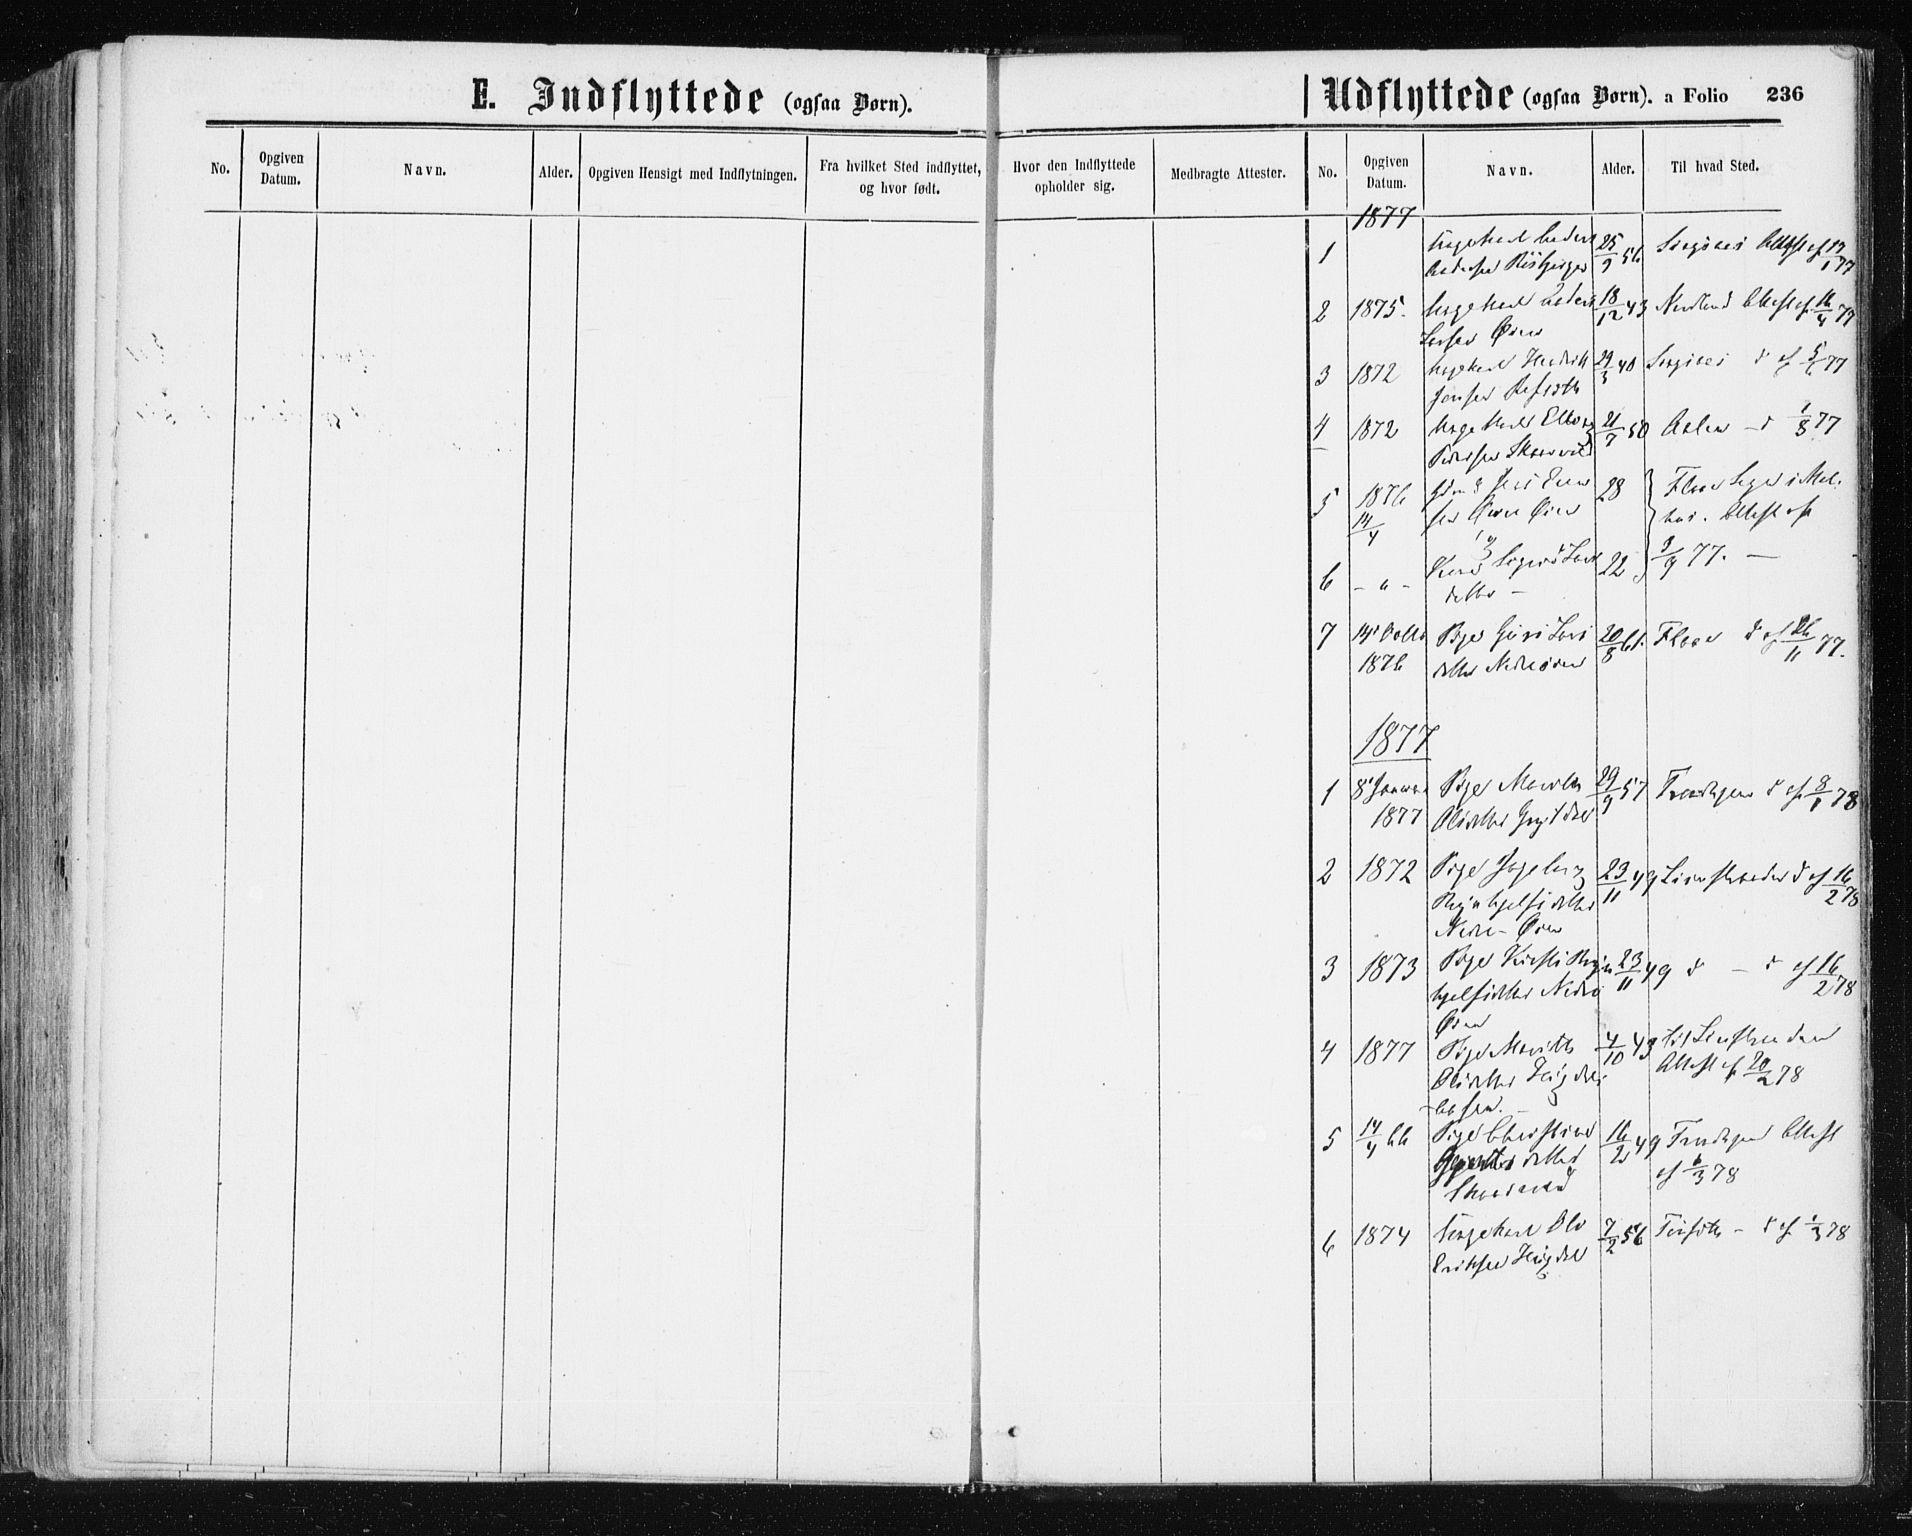 SAT, Ministerialprotokoller, klokkerbøker og fødselsregistre - Sør-Trøndelag, 687/L1001: Ministerialbok nr. 687A07, 1863-1878, s. 236